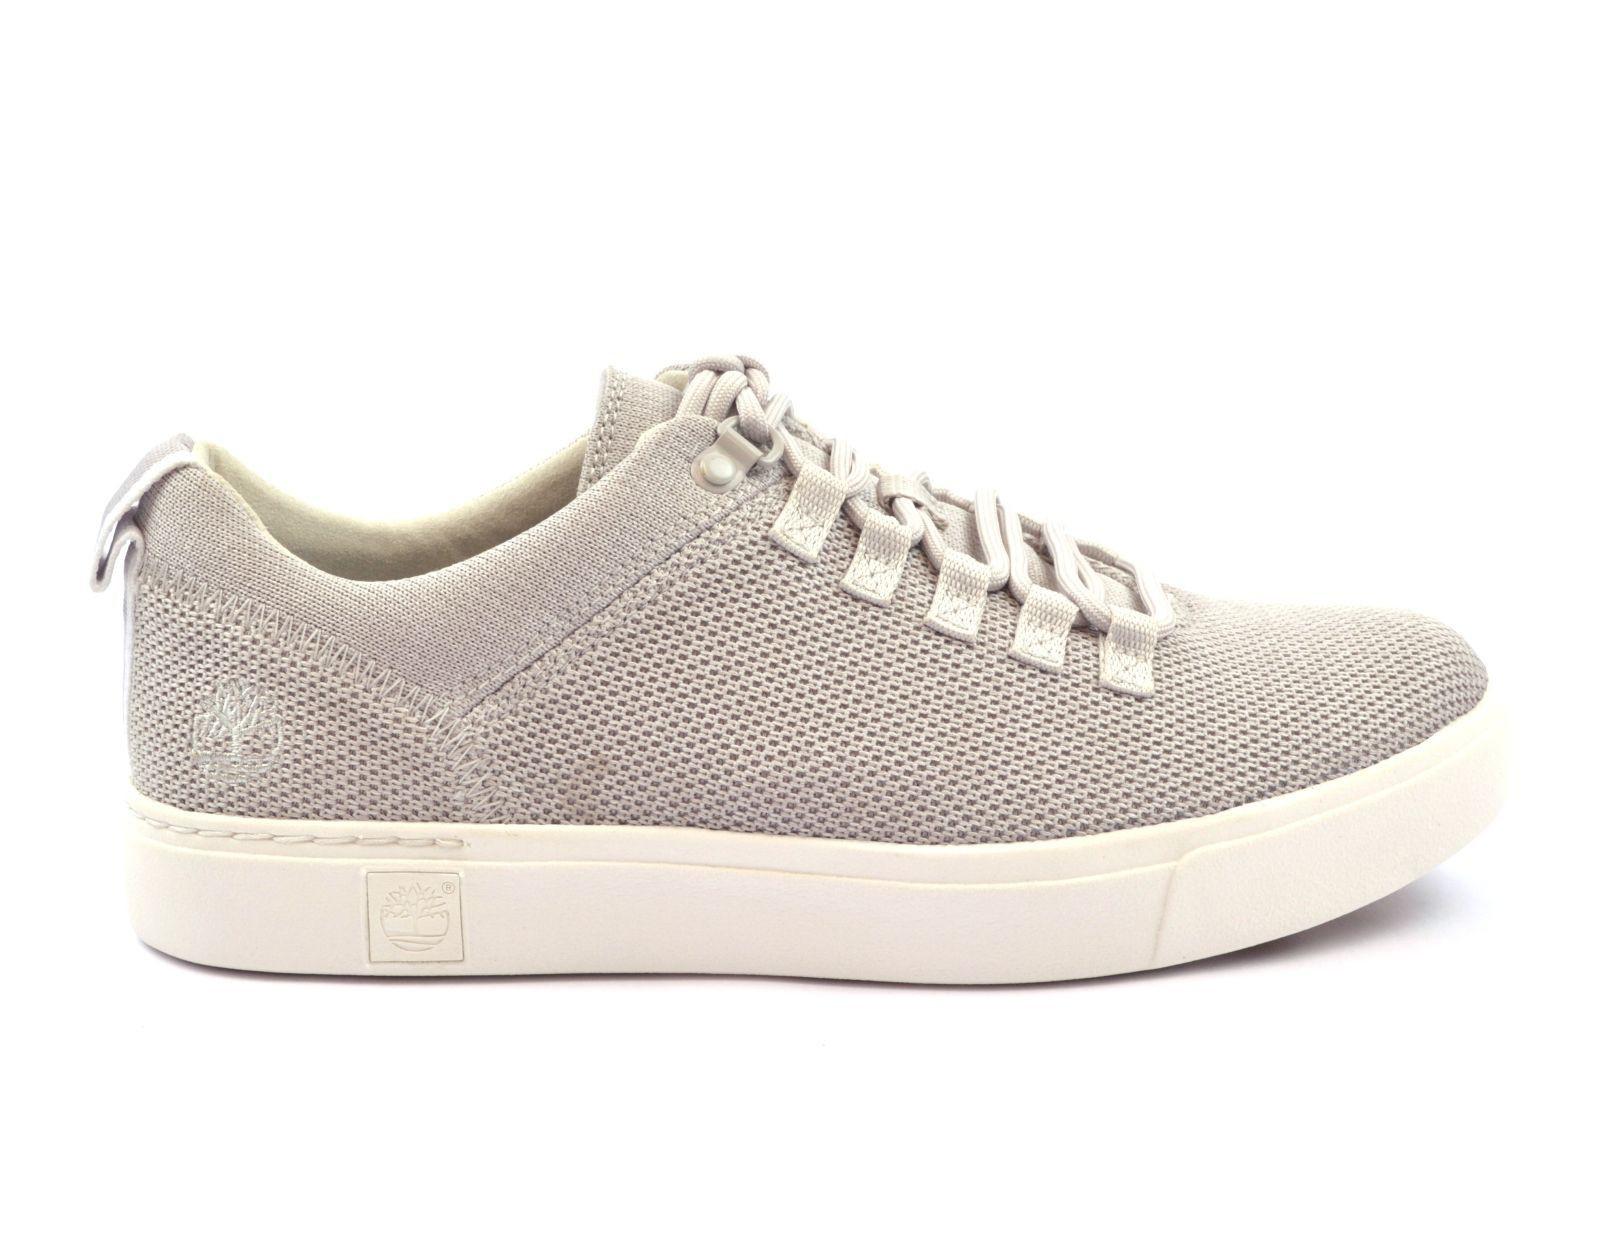 Heren Timberland Sneakers online kopen? Vergelijk op Schoenen.nl